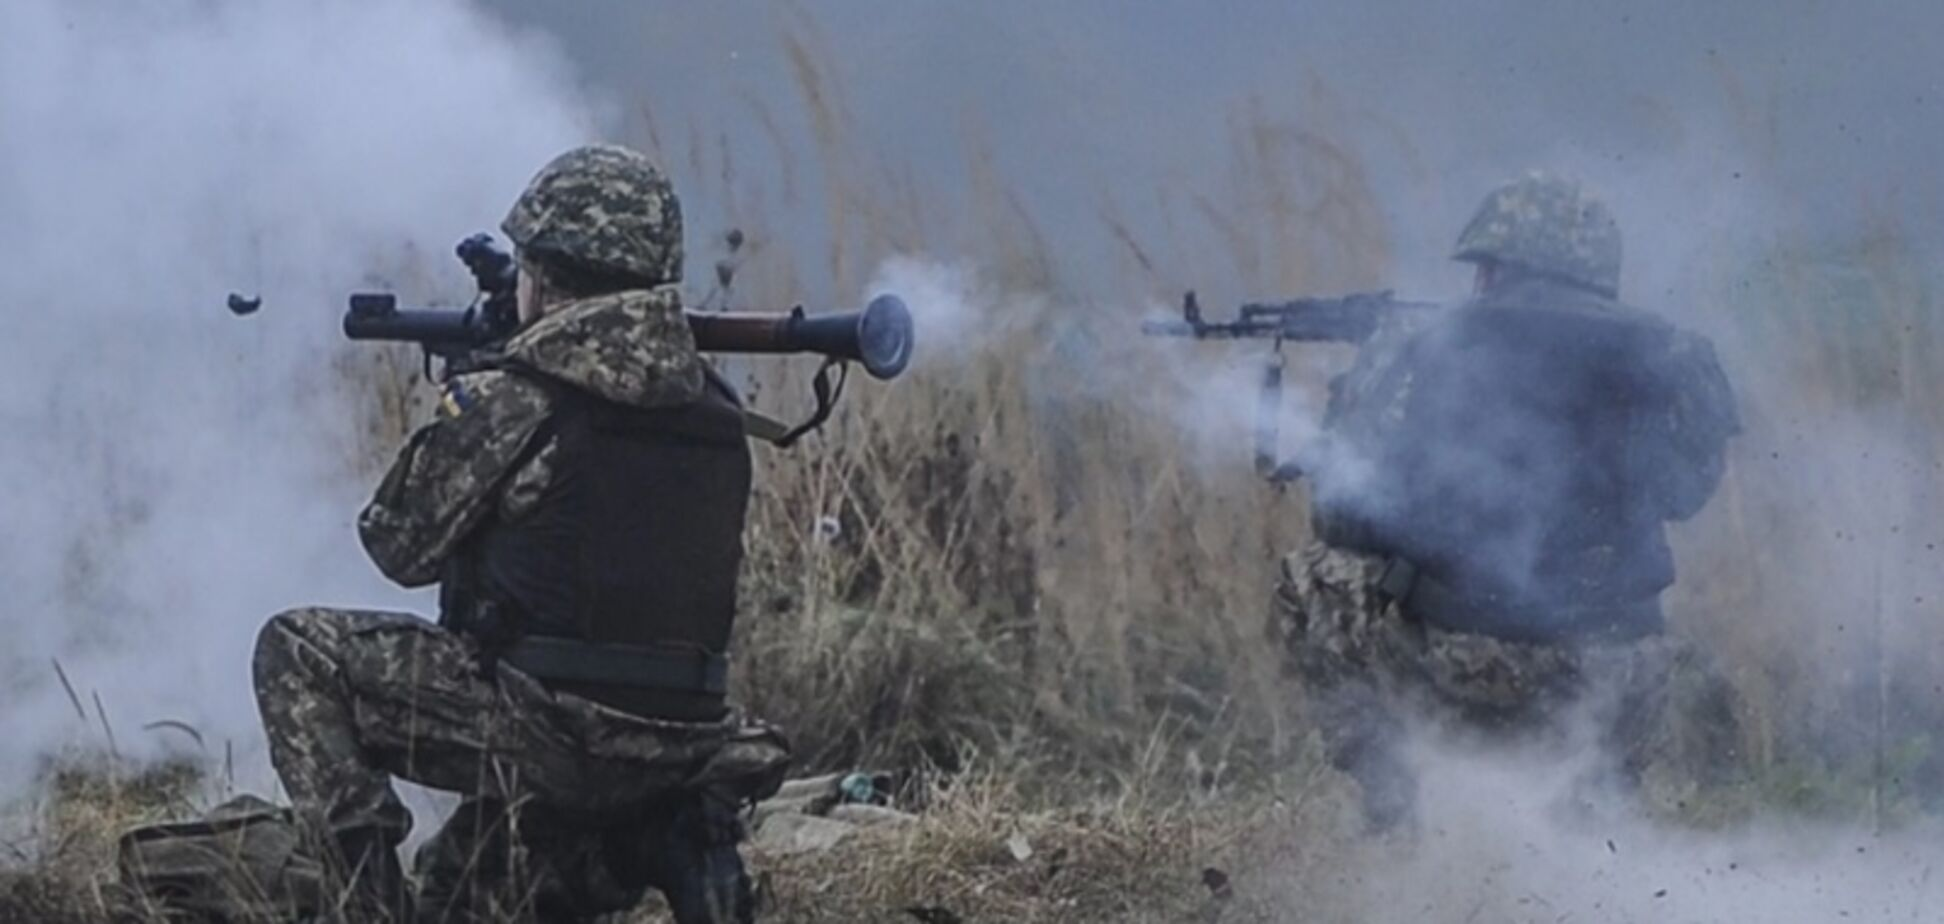 Війна за незалежність: терористи пішли в атаку на Донбасі, є втрати